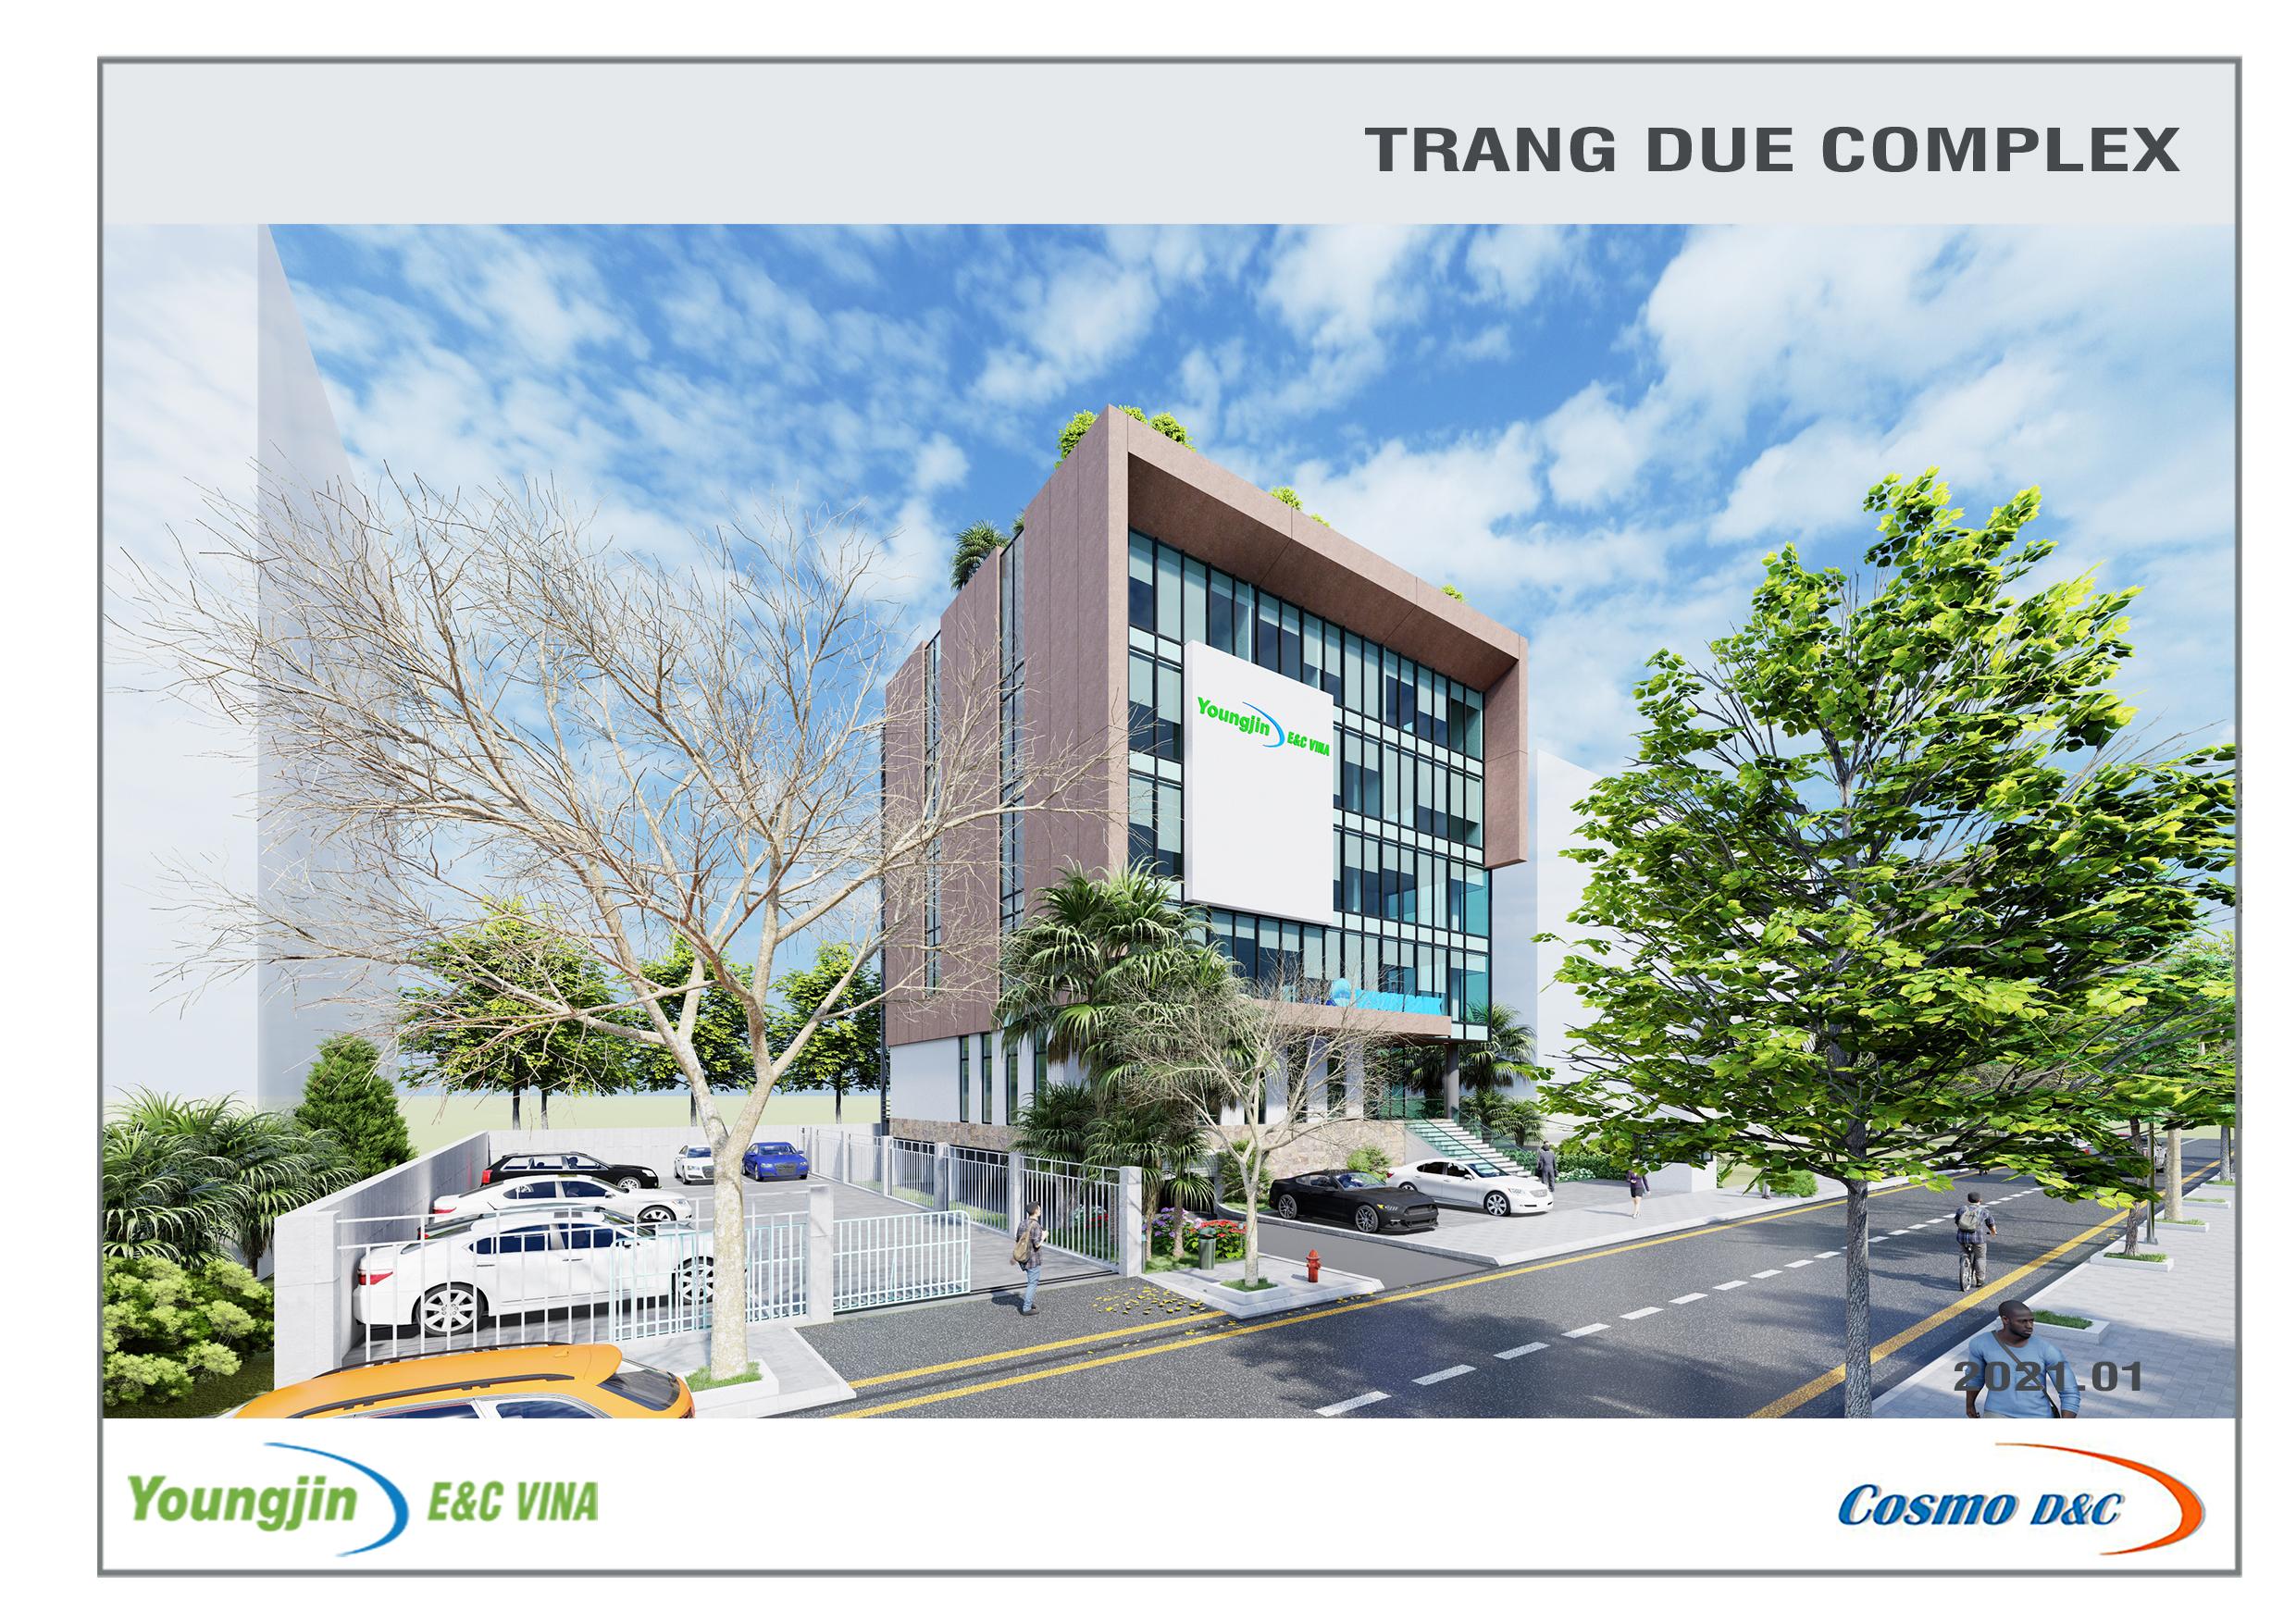 Youngjin E&C Vina Trang Due Complex Building